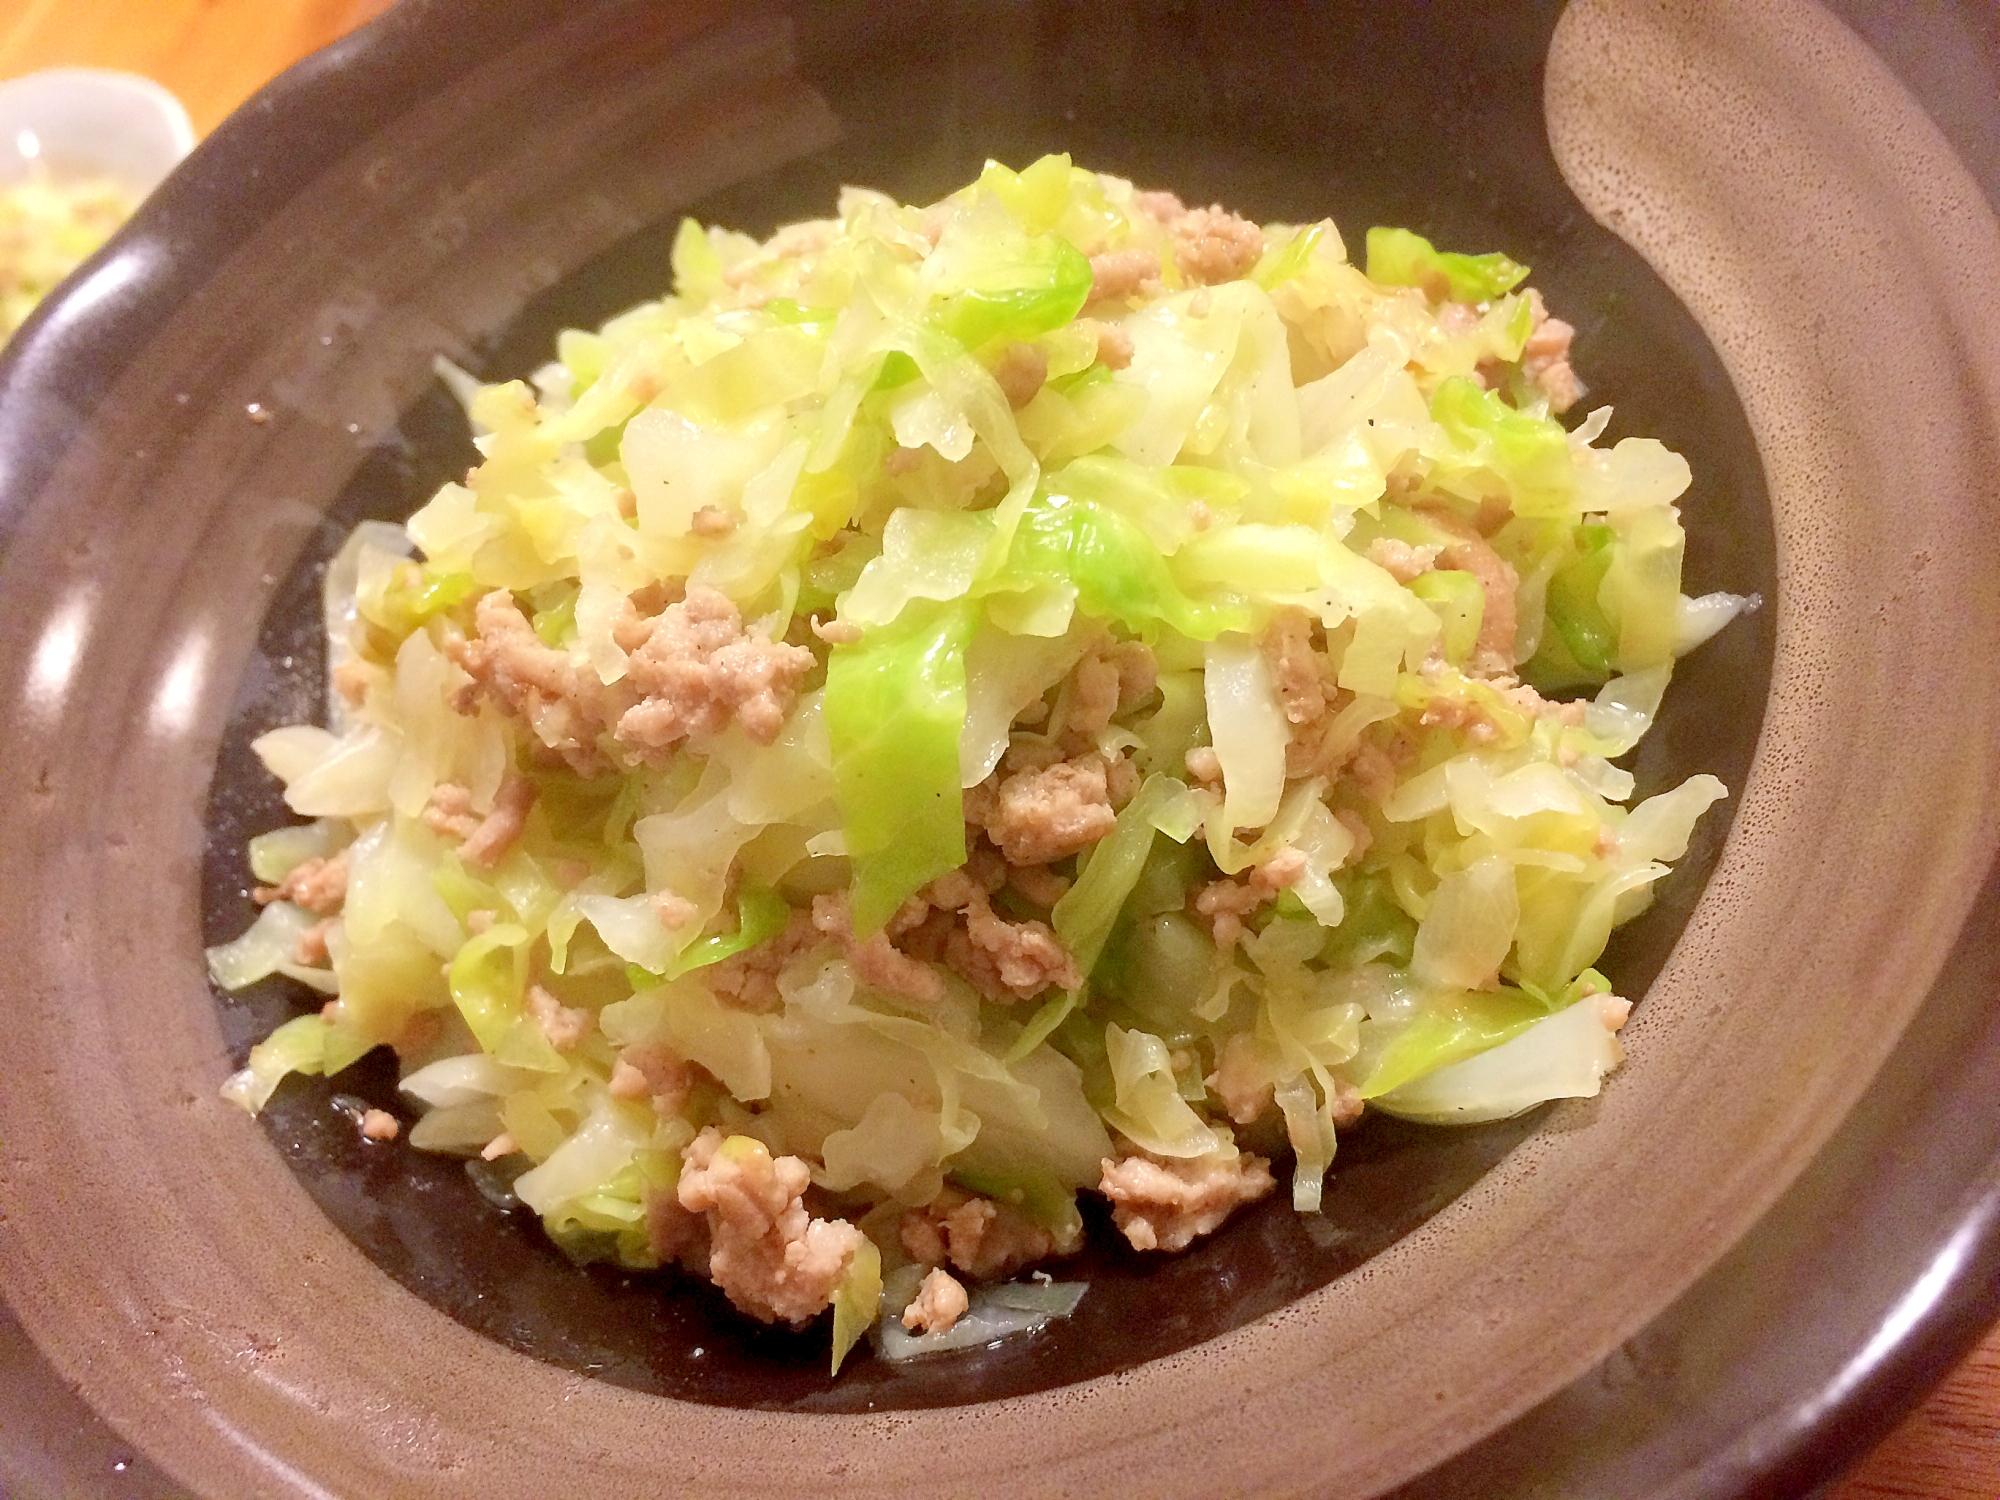 ☆キャベツとひき肉炒め☆味付けは塩こしょうだけ